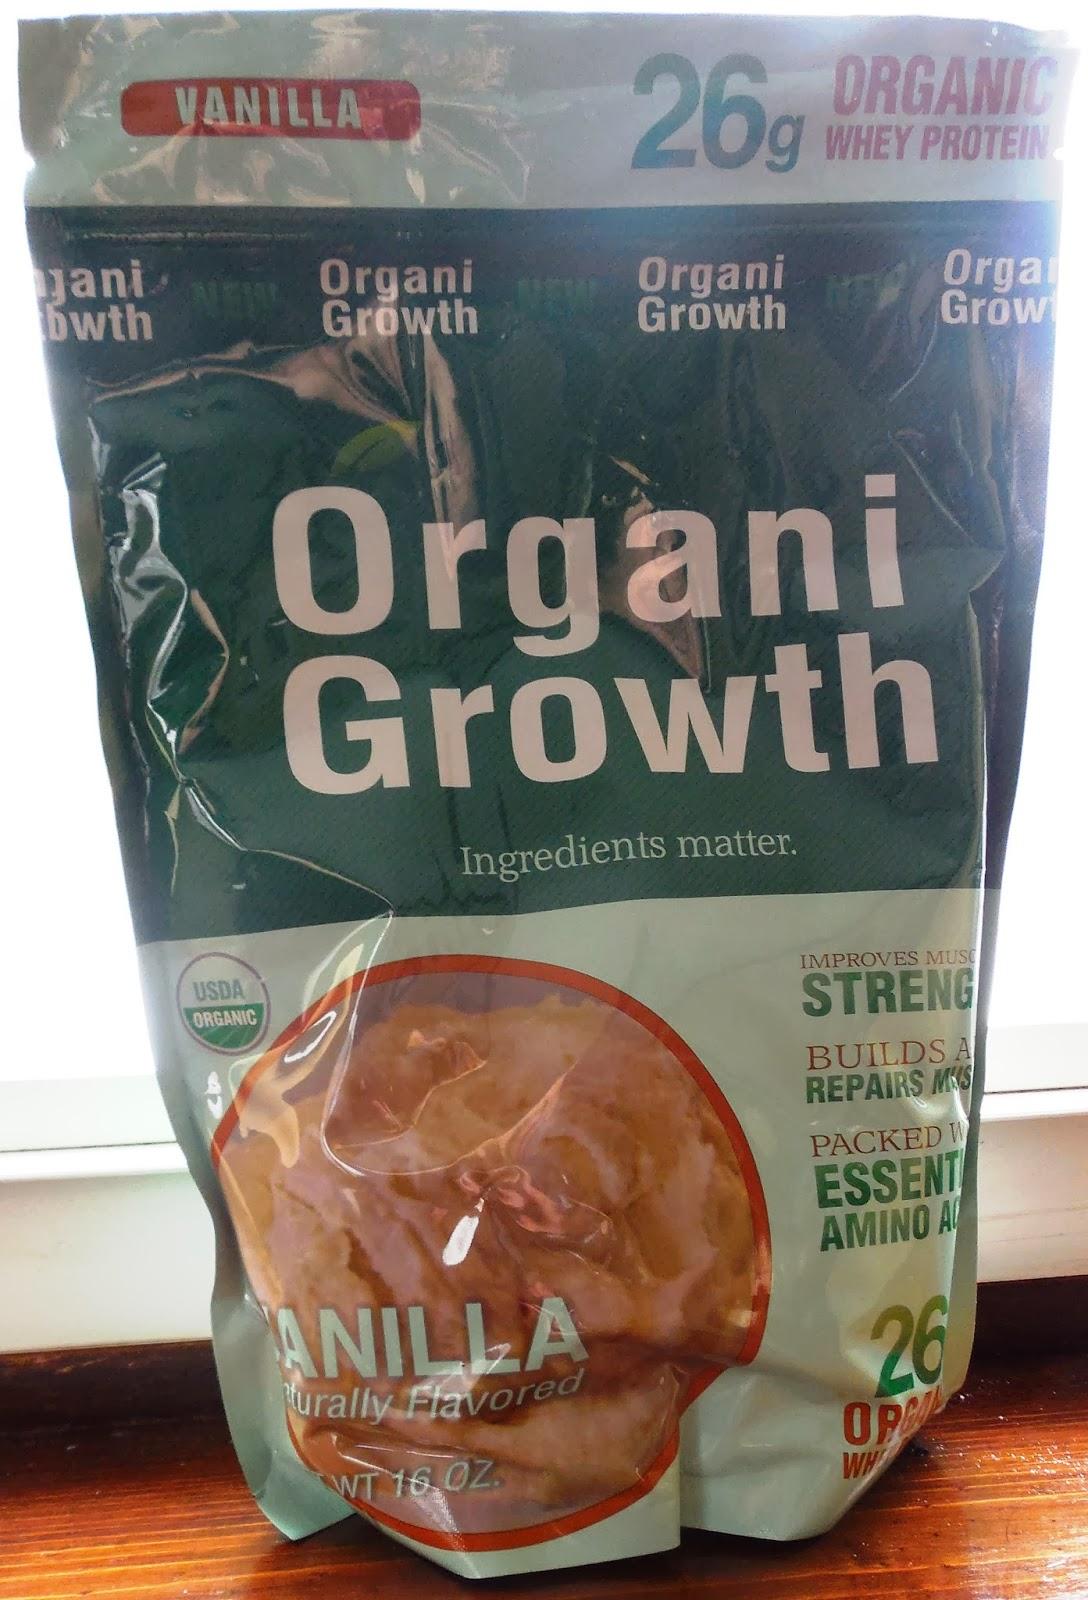 OrganiGrowth